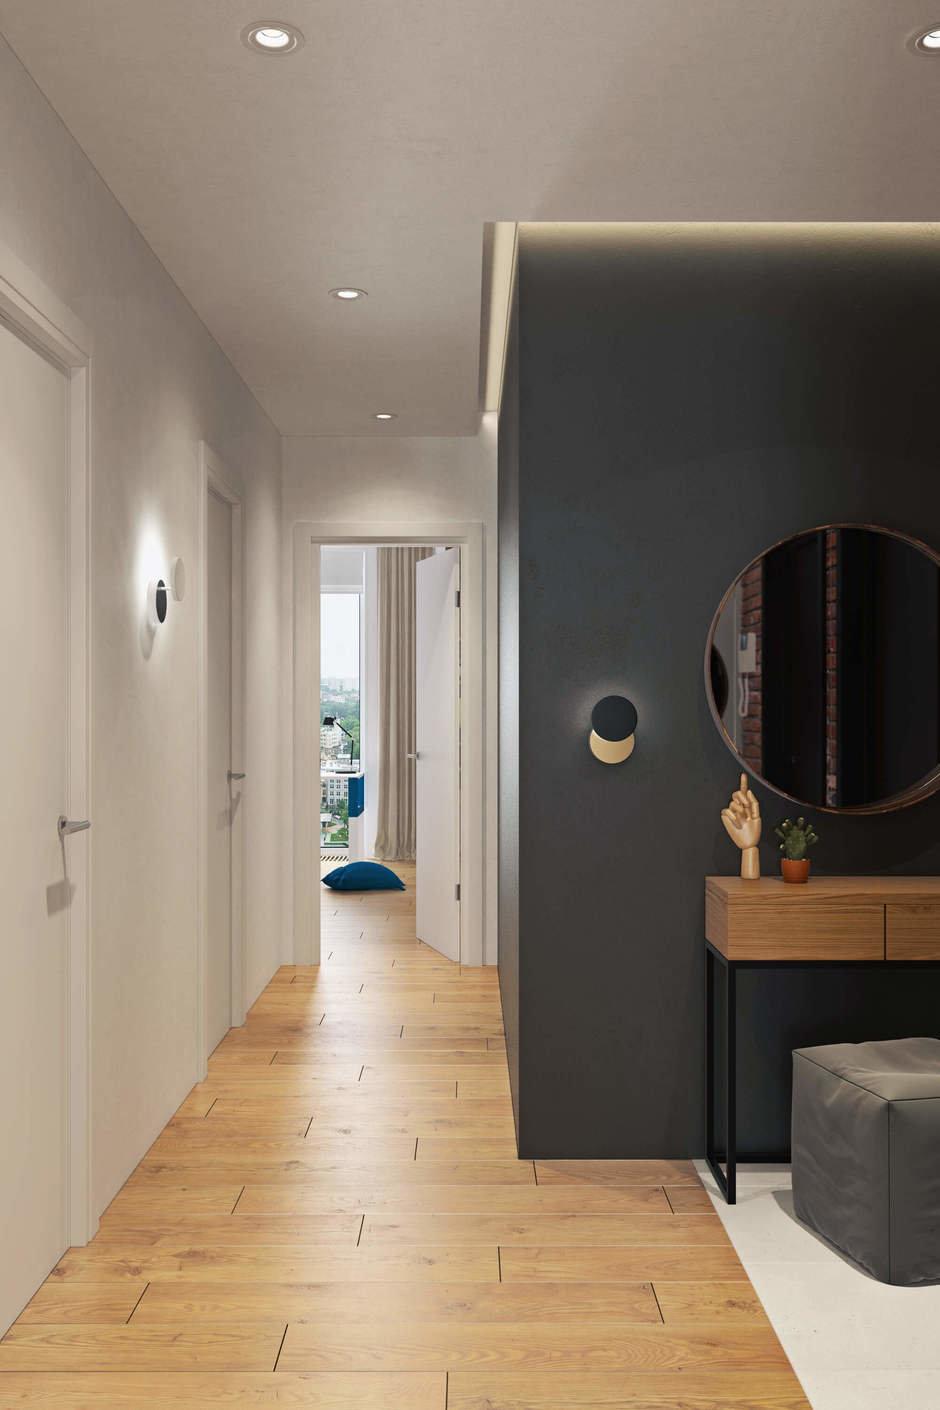 Фотография: Прихожая в стиле Современный, Квартира, Проект недели, Geometrium, Монолитный дом, 3 комнаты, 60-90 метров, ЖК «Арт Casa Luna» – фото на InMyRoom.ru